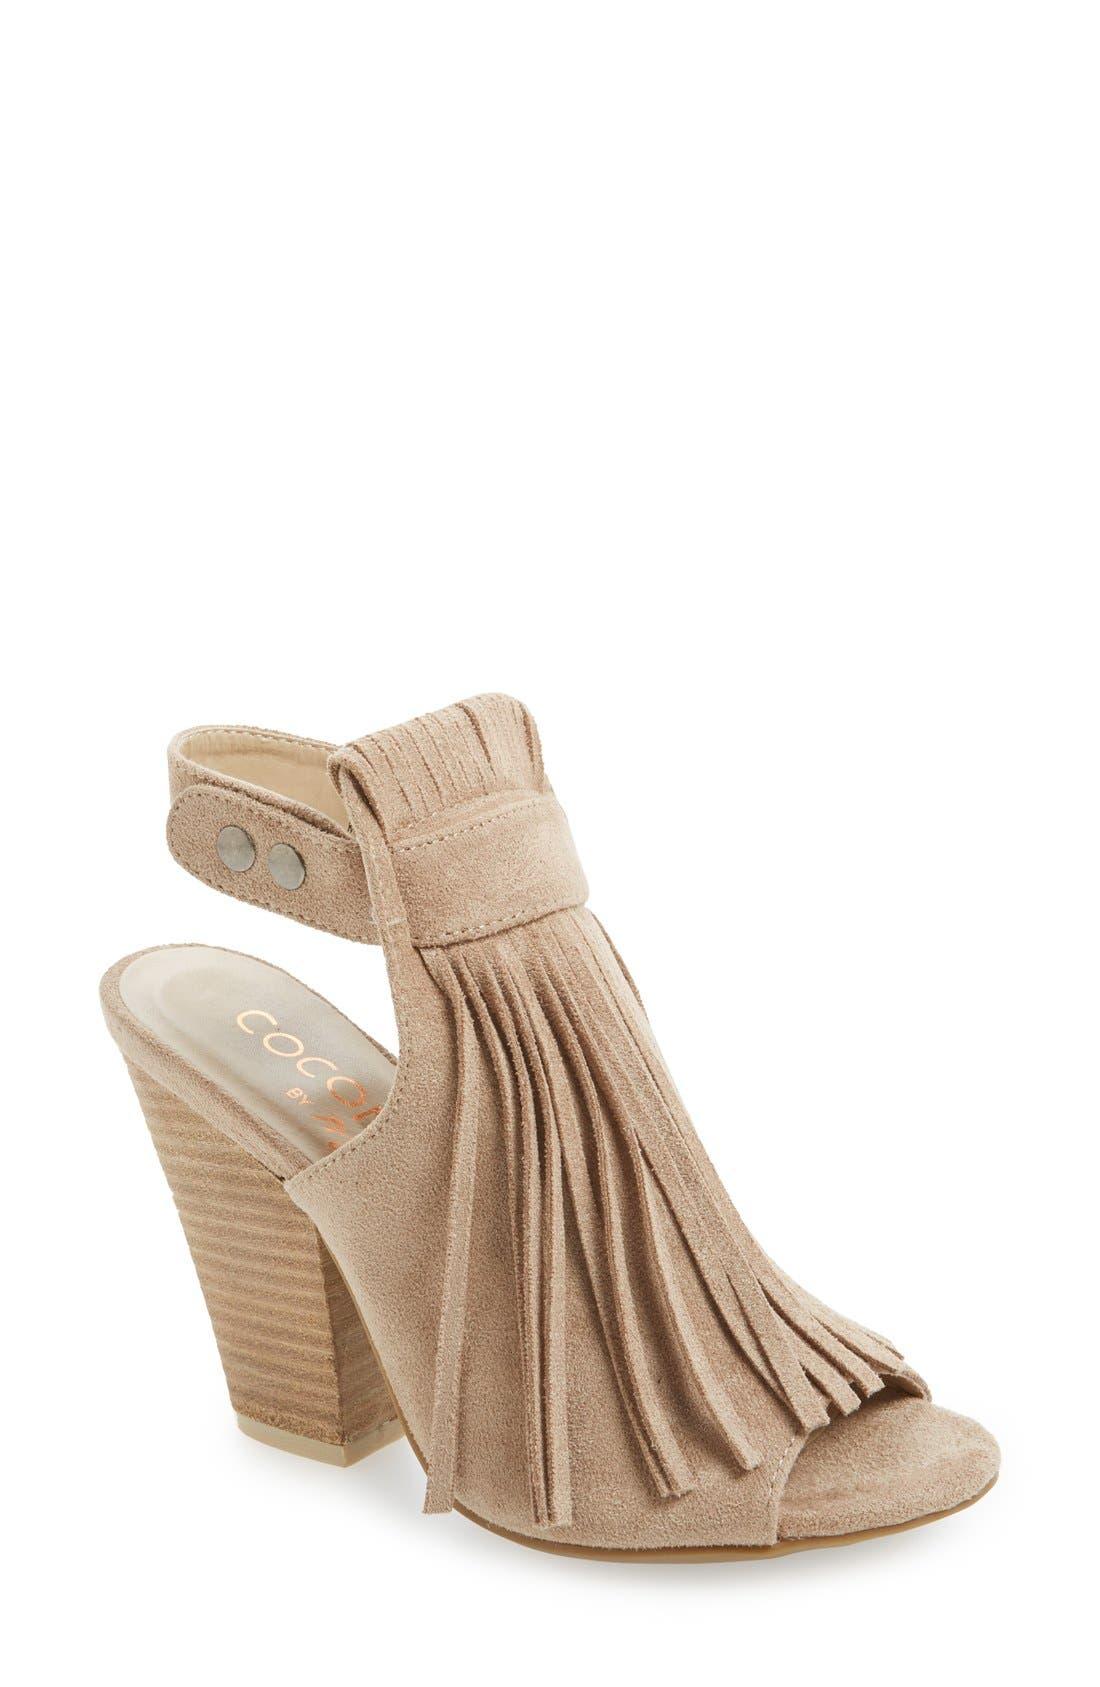 Main Image - Matisse 'Skye' Fringe Sandal (Women)